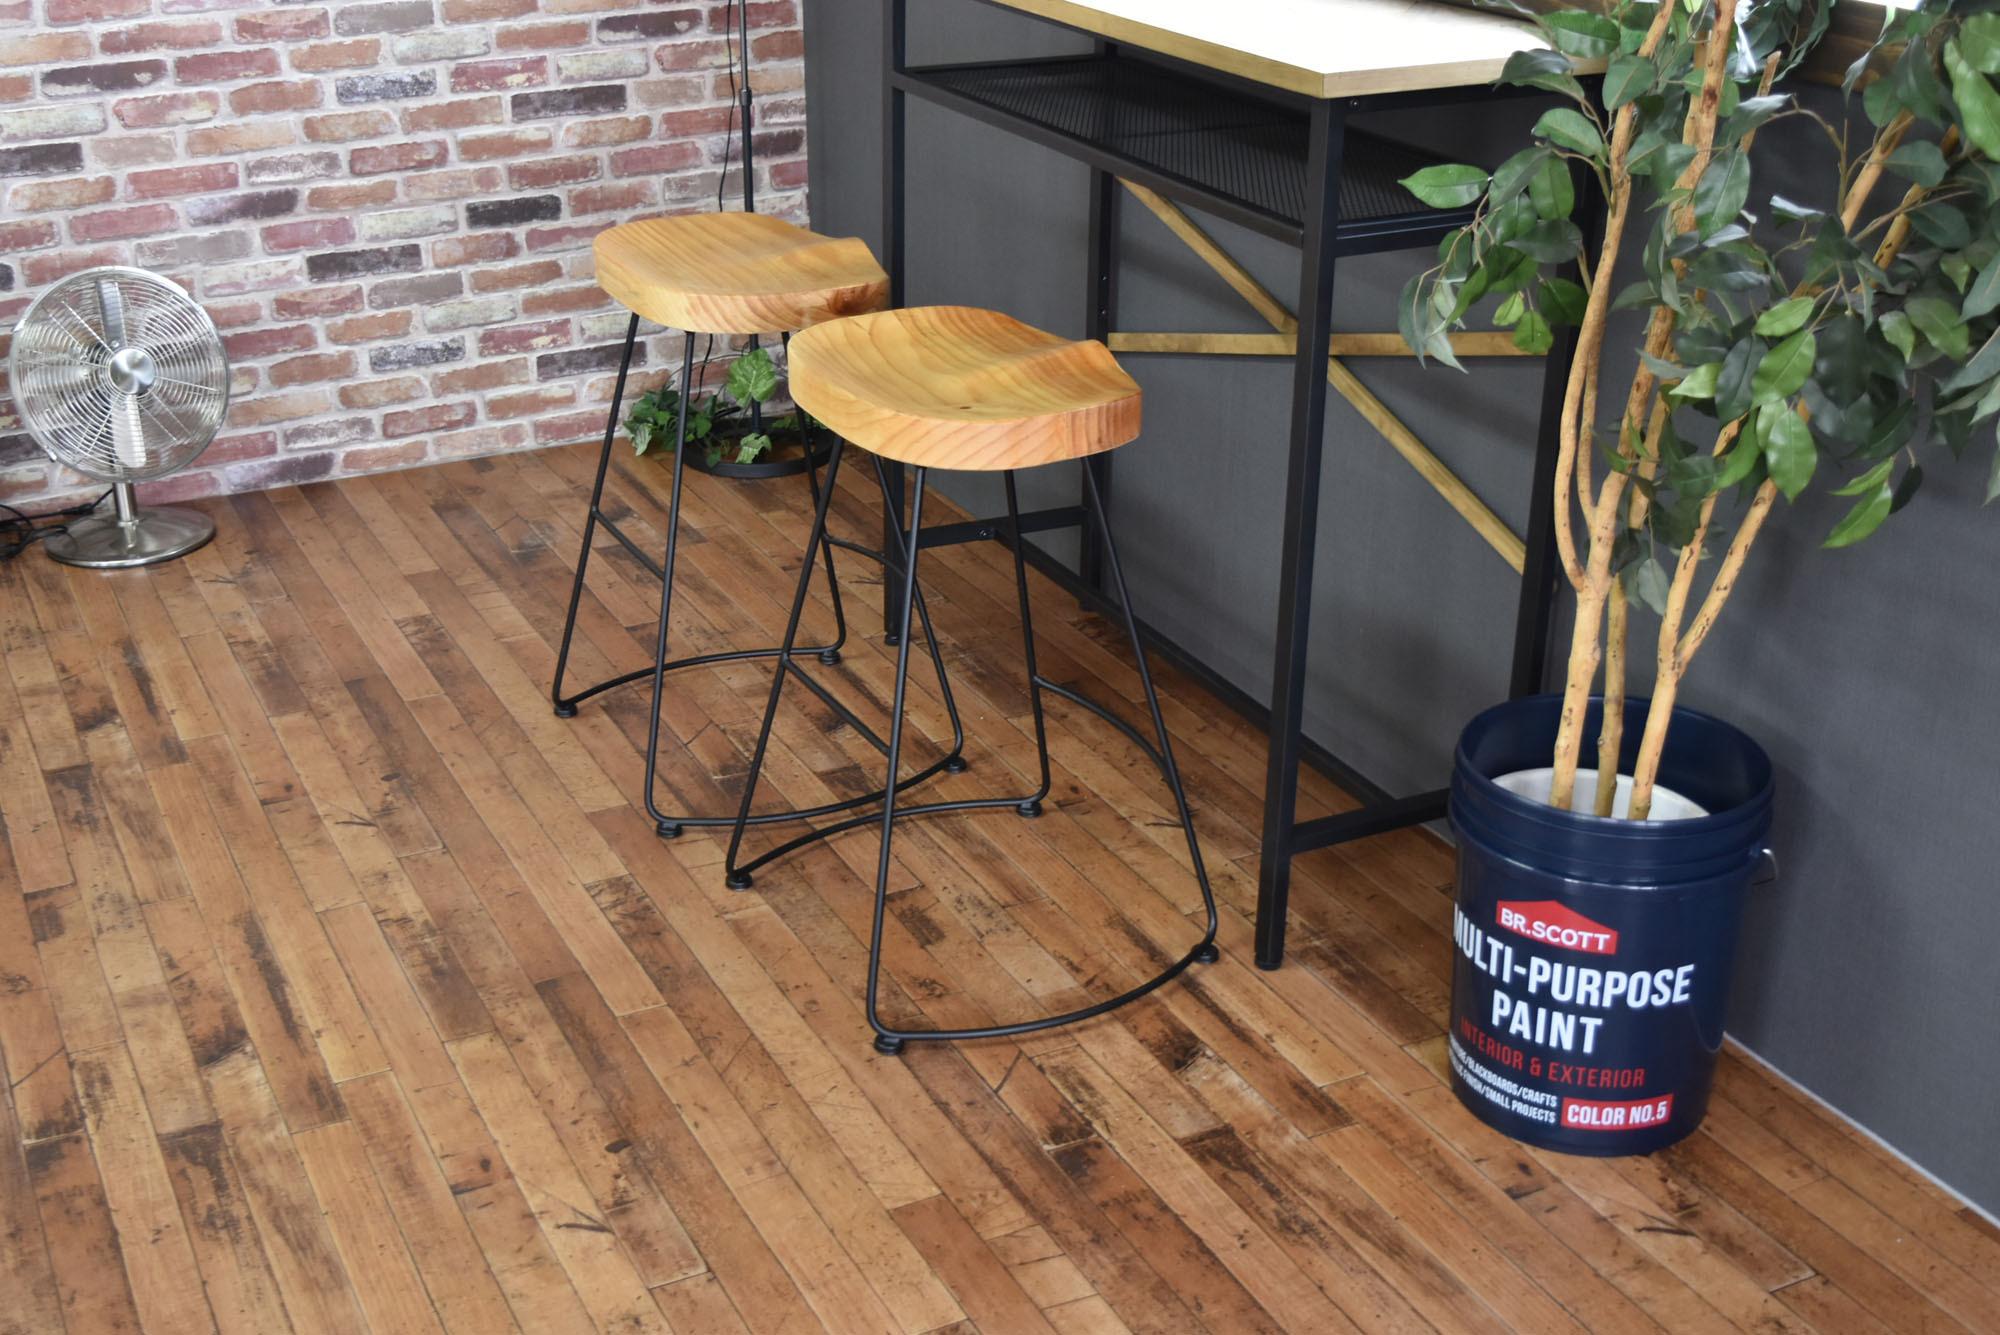 Smoky High Chair NA / ヴィンテージスタイル スモーキー ハイチェア / ナチュラル